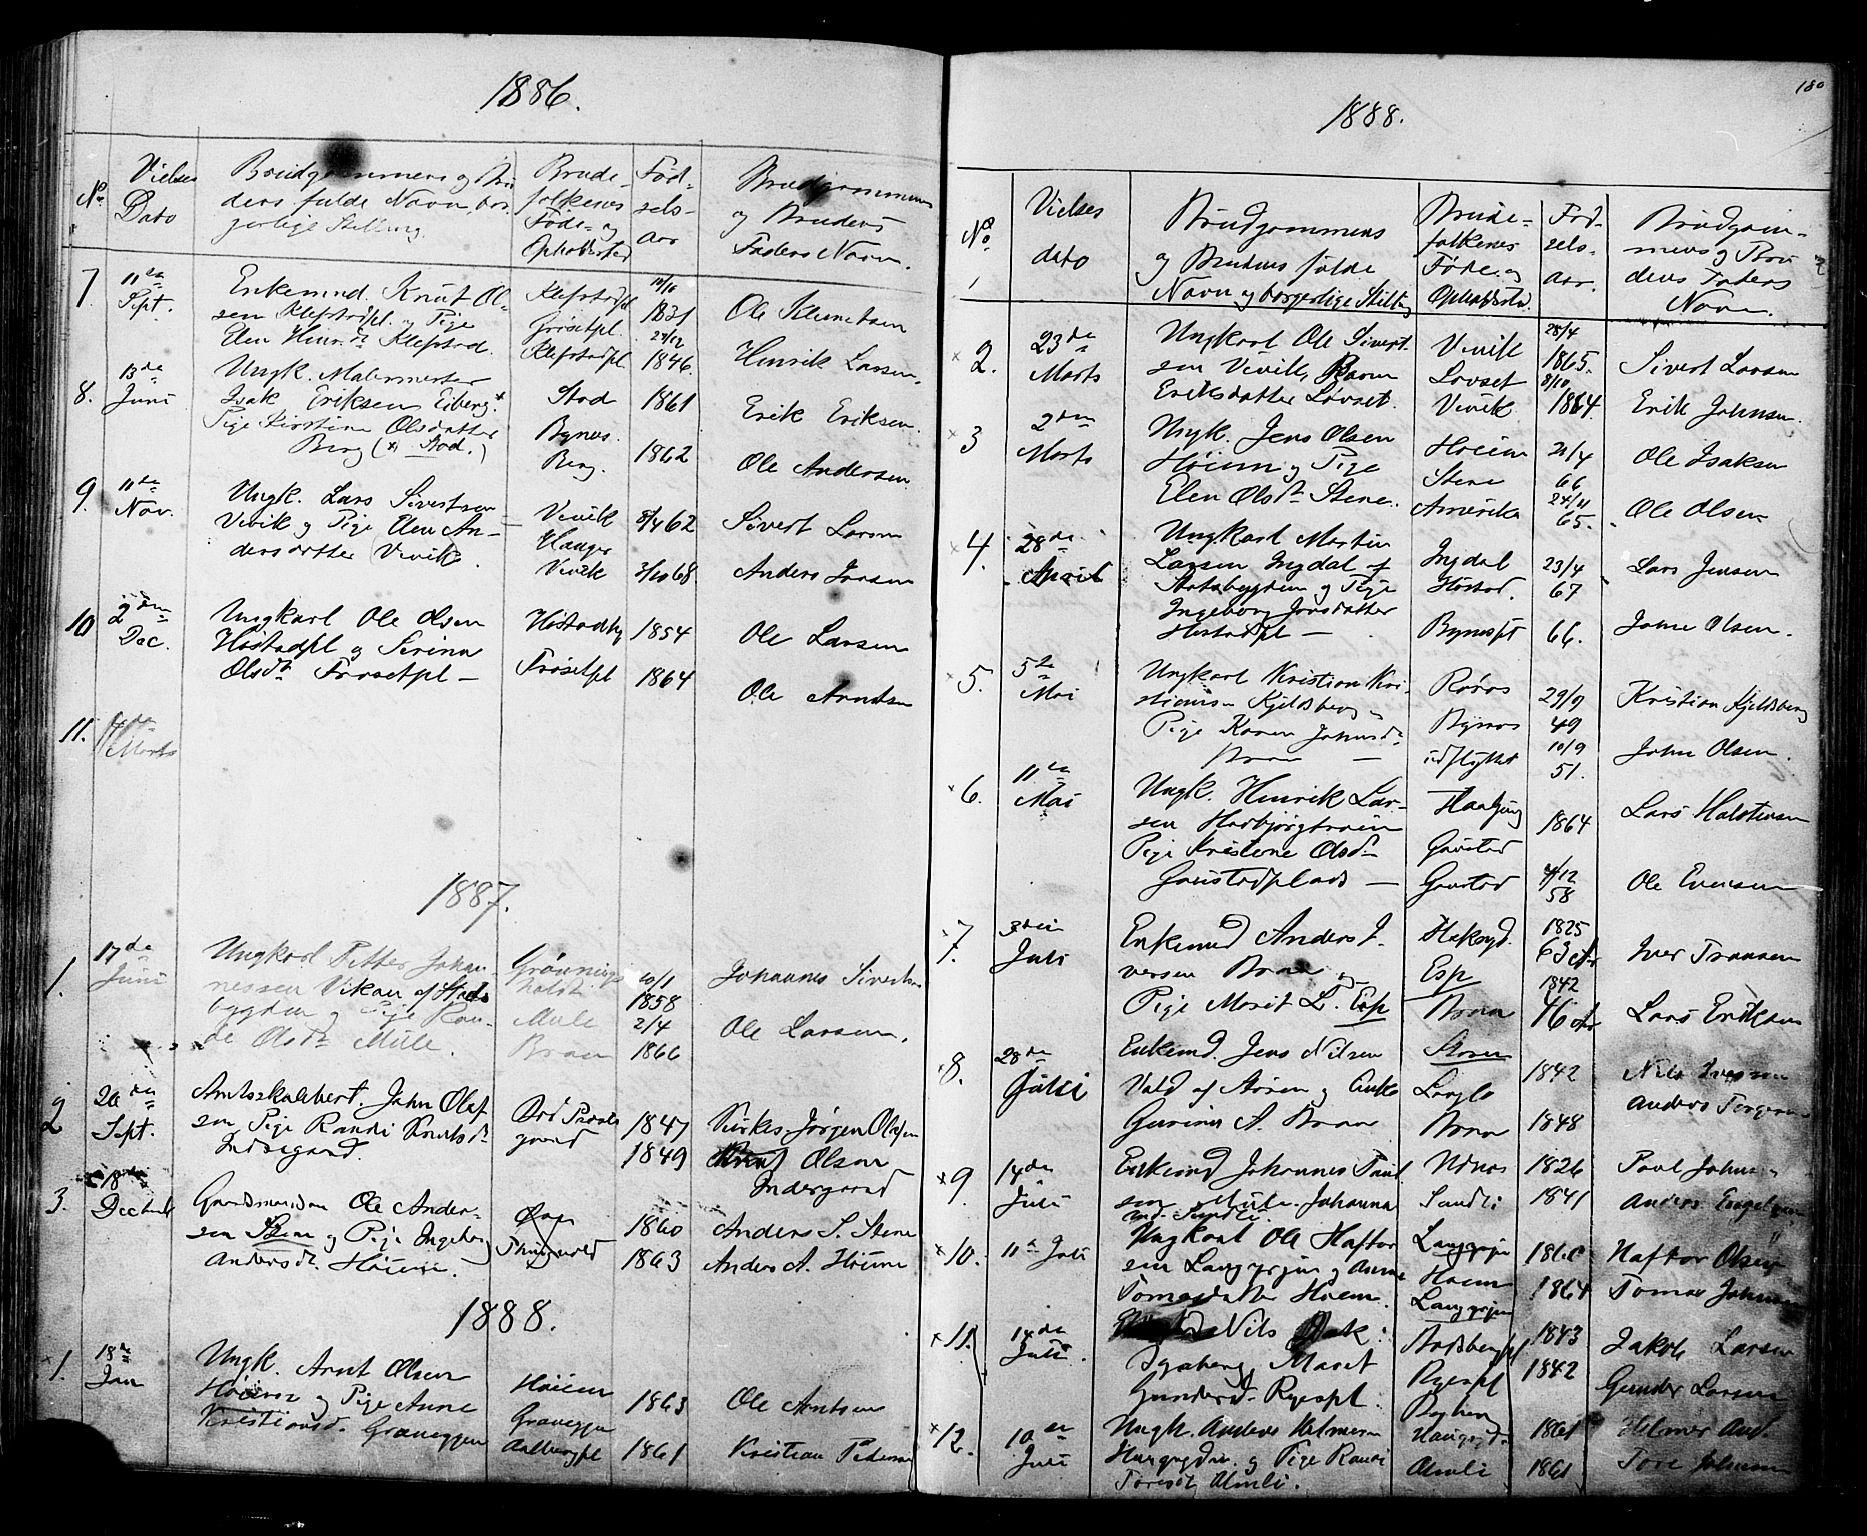 SAT, Ministerialprotokoller, klokkerbøker og fødselsregistre - Sør-Trøndelag, 612/L0387: Klokkerbok nr. 612C03, 1874-1908, s. 180